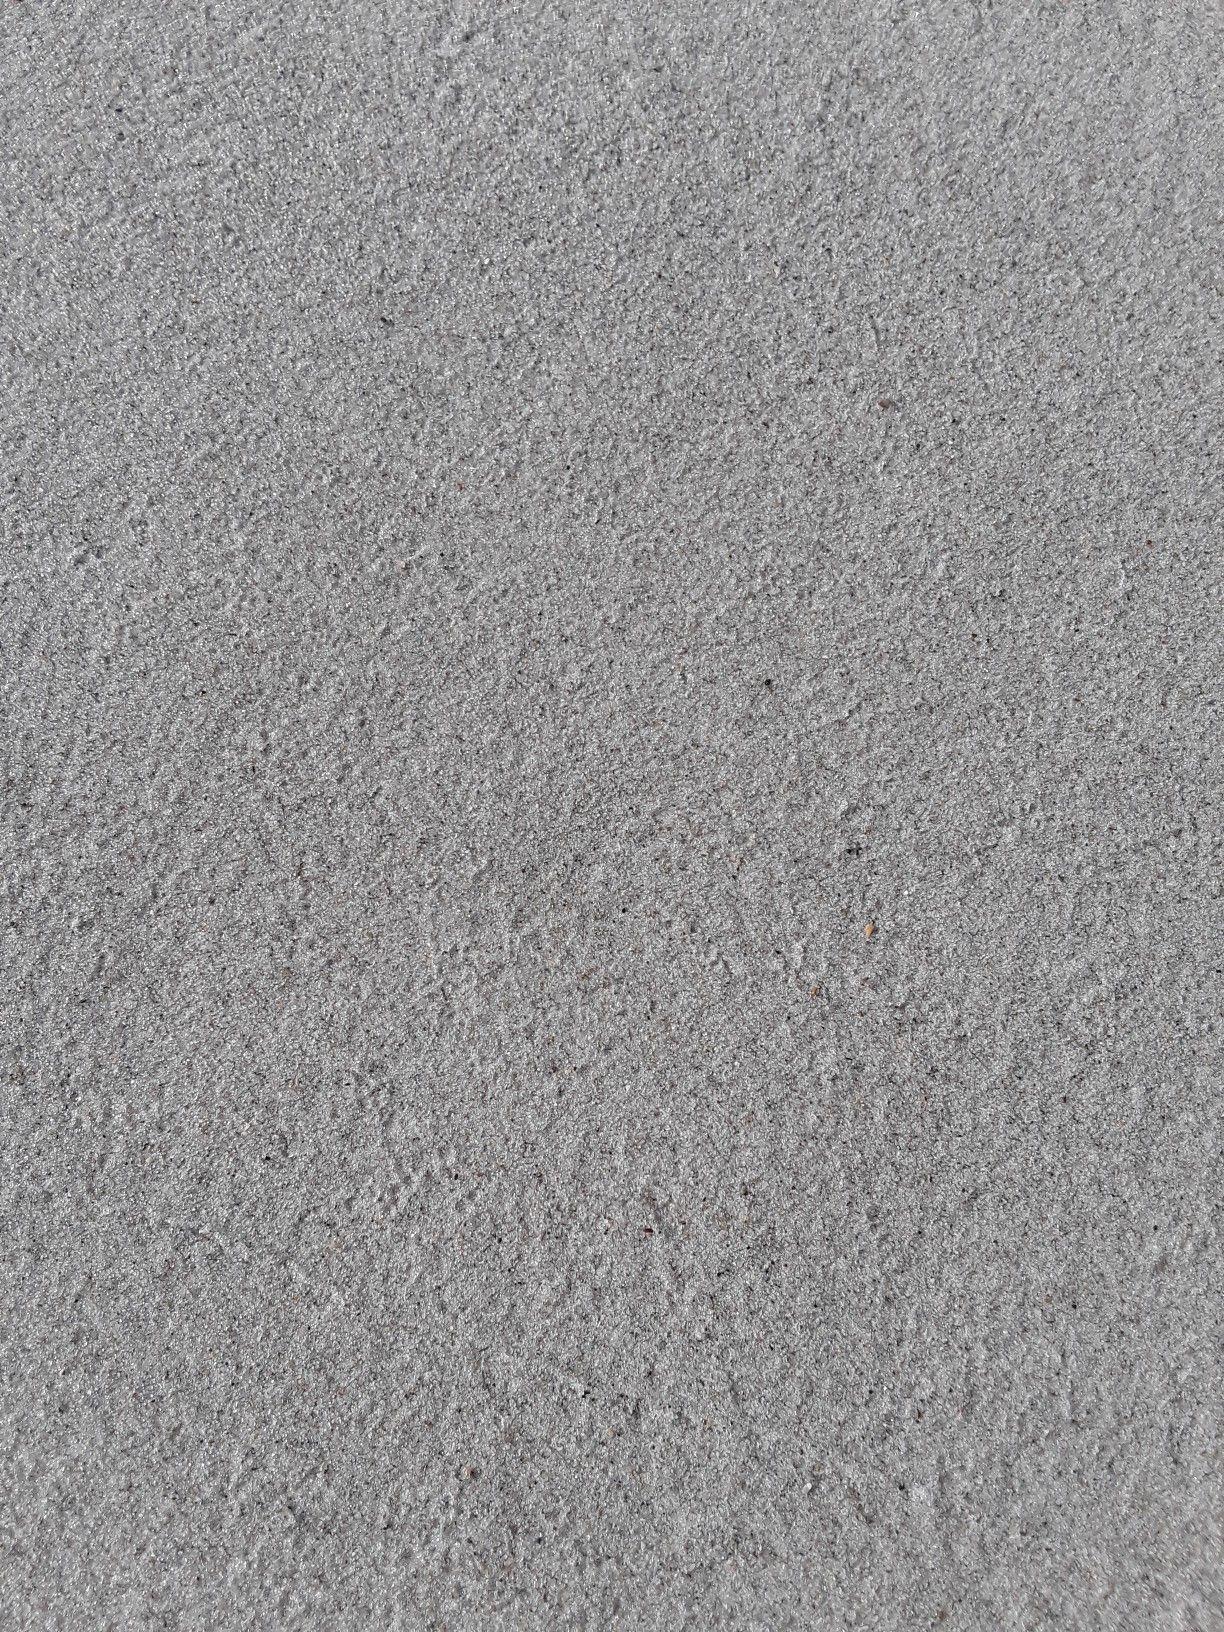 Pin By Zayn Malik S Girl Rebekha G On Backgrounds Grey Carpet